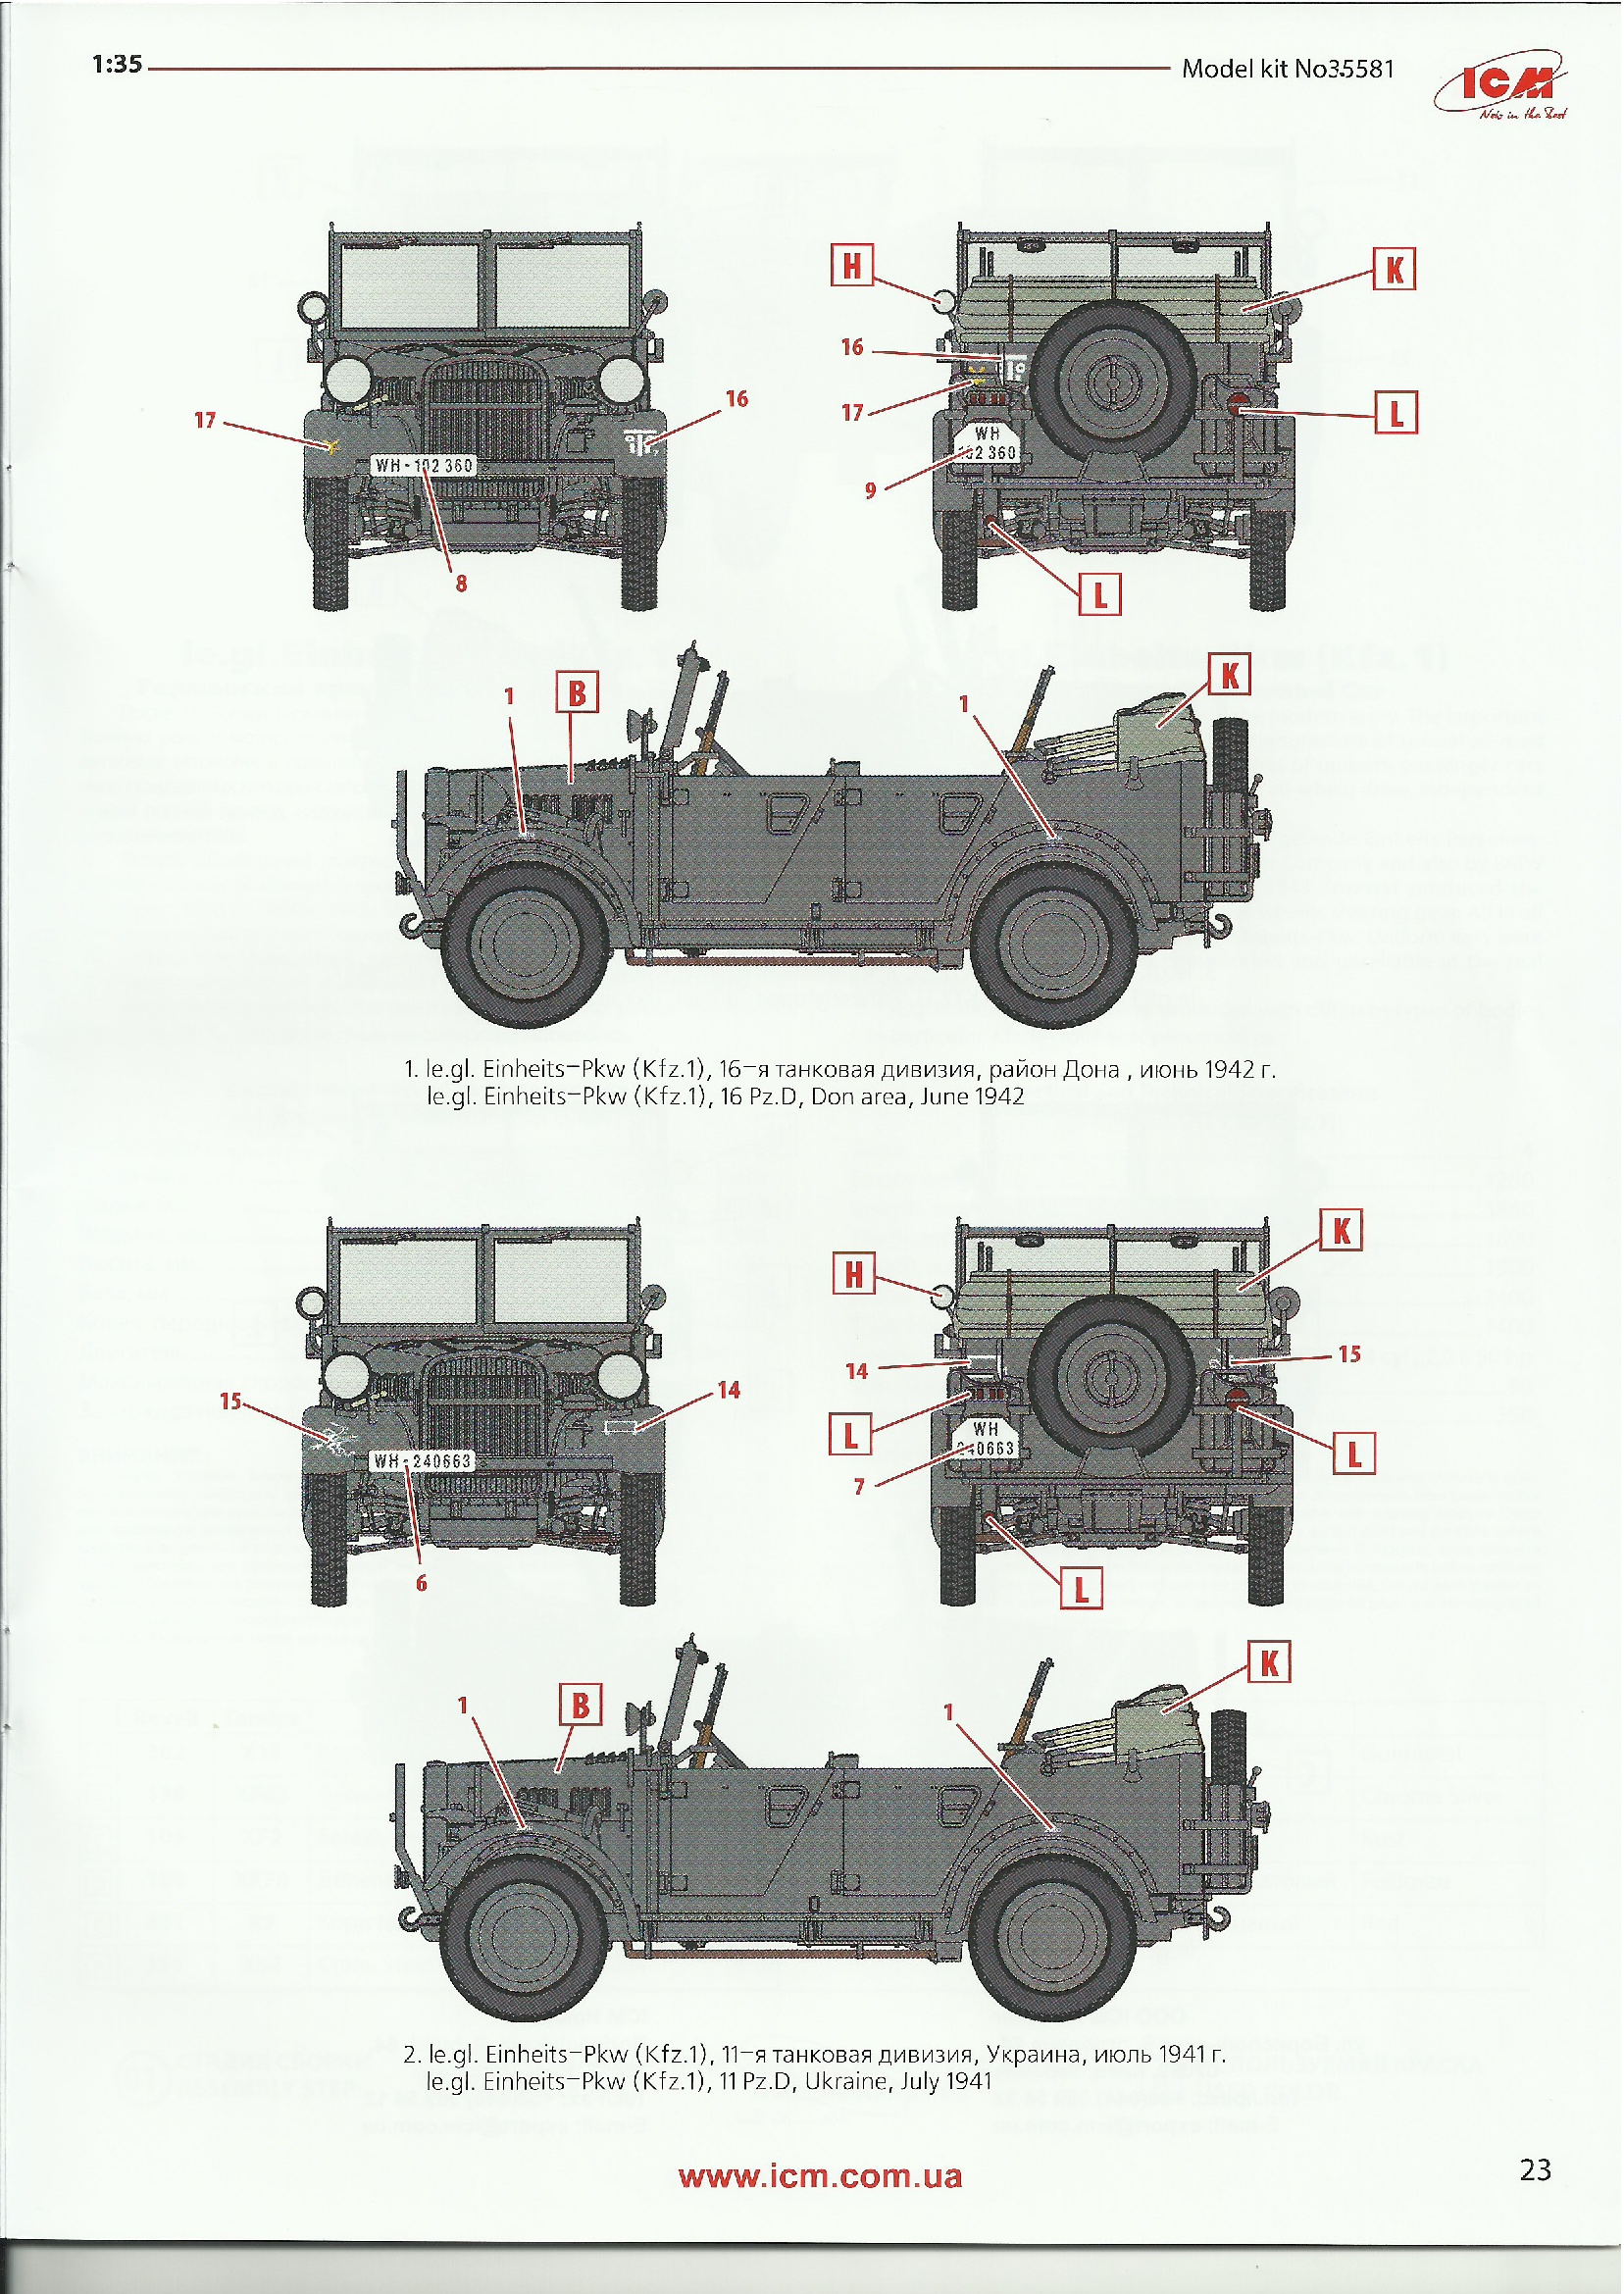 2019-09-04_Bauplan-ICM-Kfz_-1-023 Wehrmacht Off-Road Cars in 1:35 von ICM # DS3503